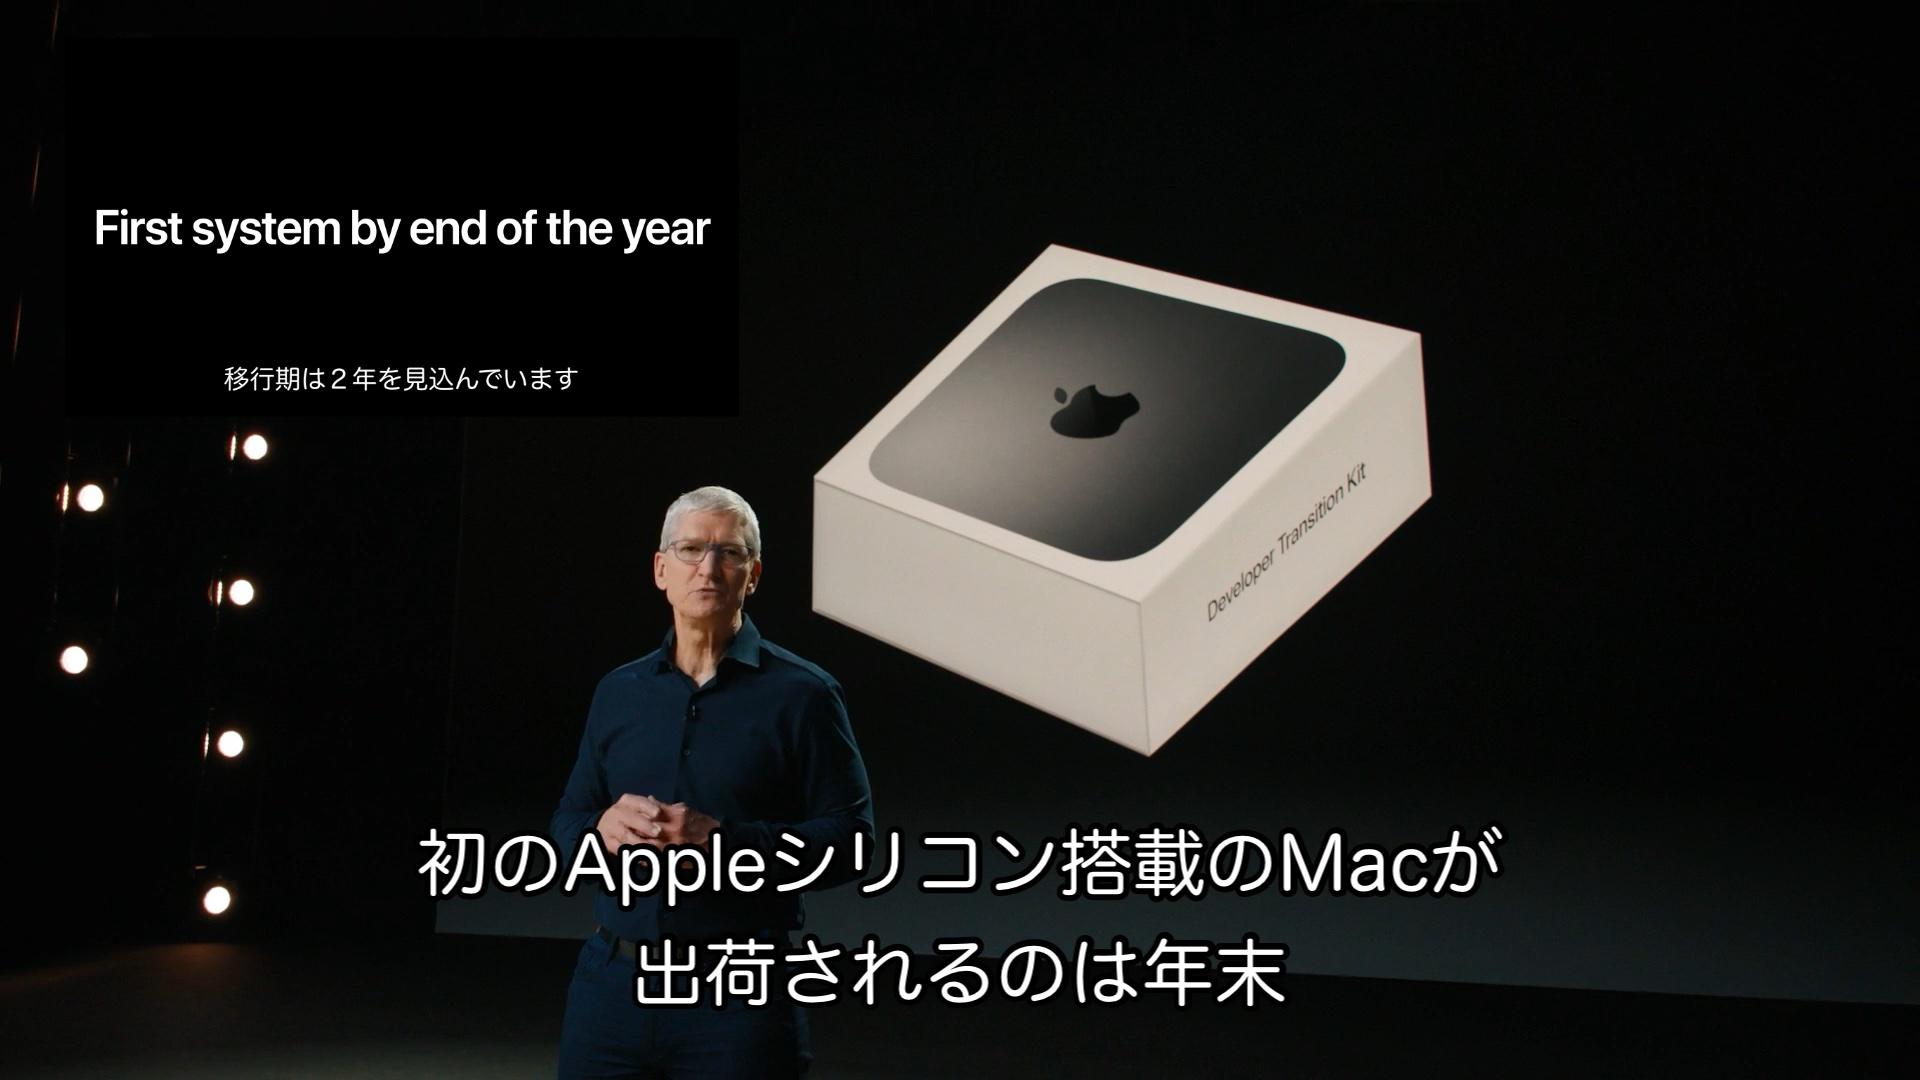 Apple Silicon搭載のMacは2020年末にリリース予定